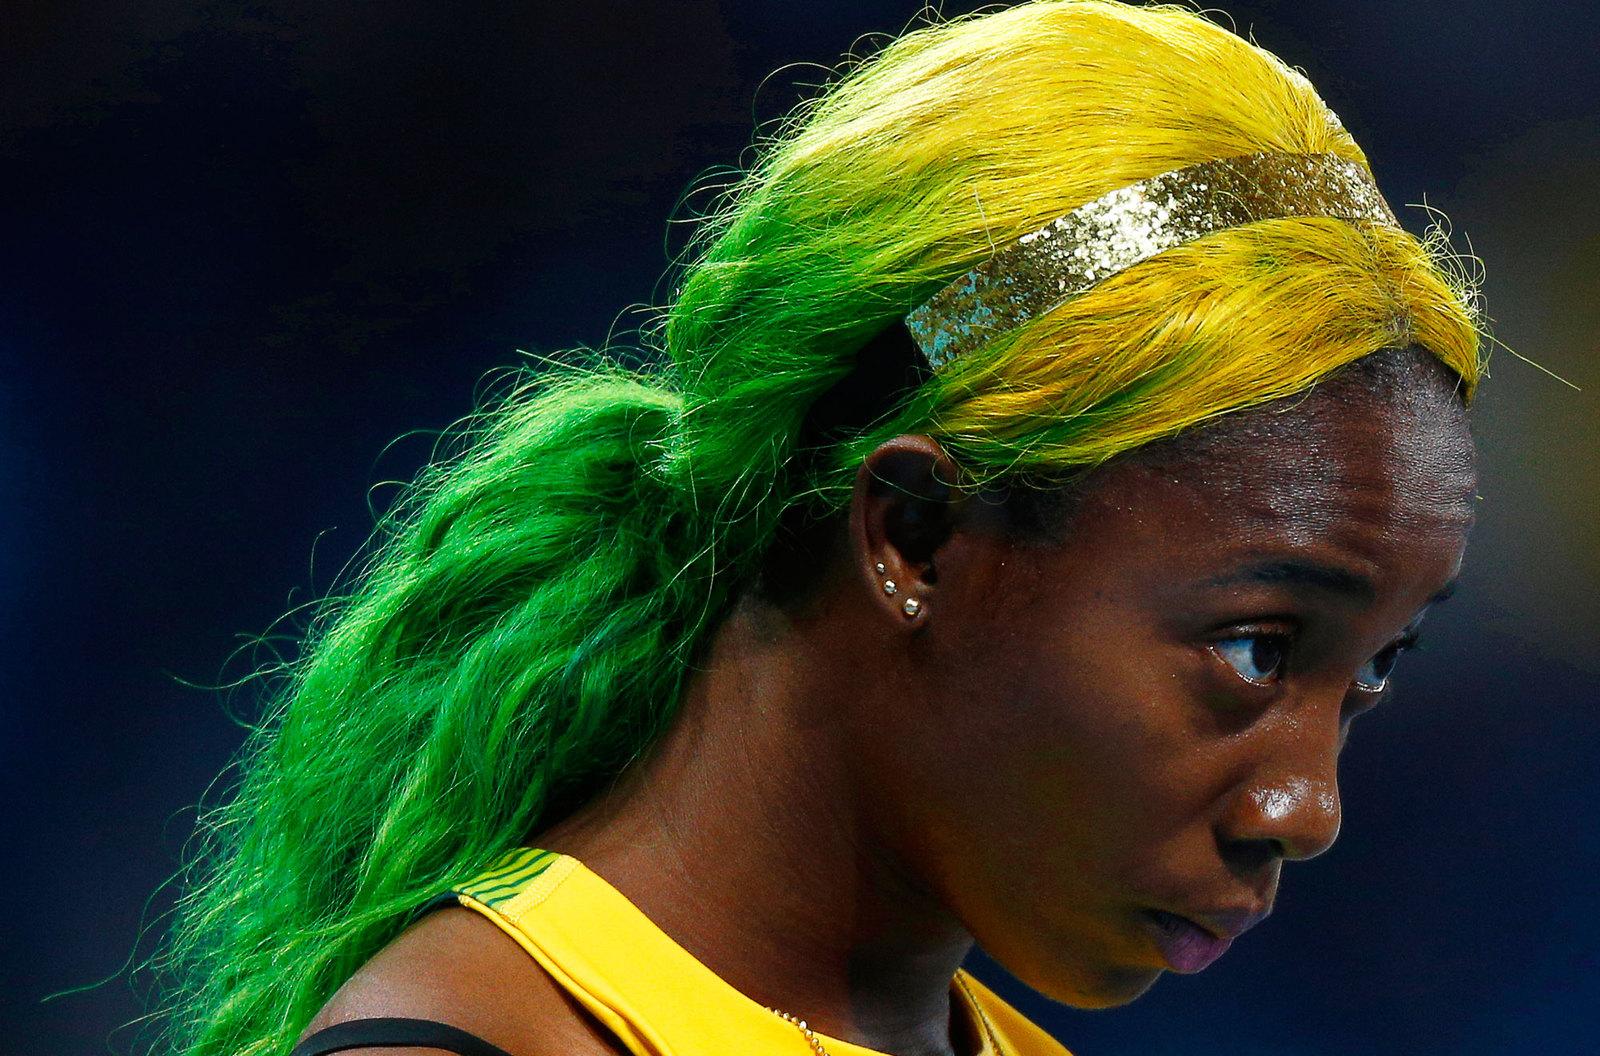 Ямайская бегунья Фрезер-Прайс часто экспериментирует с цветом волос